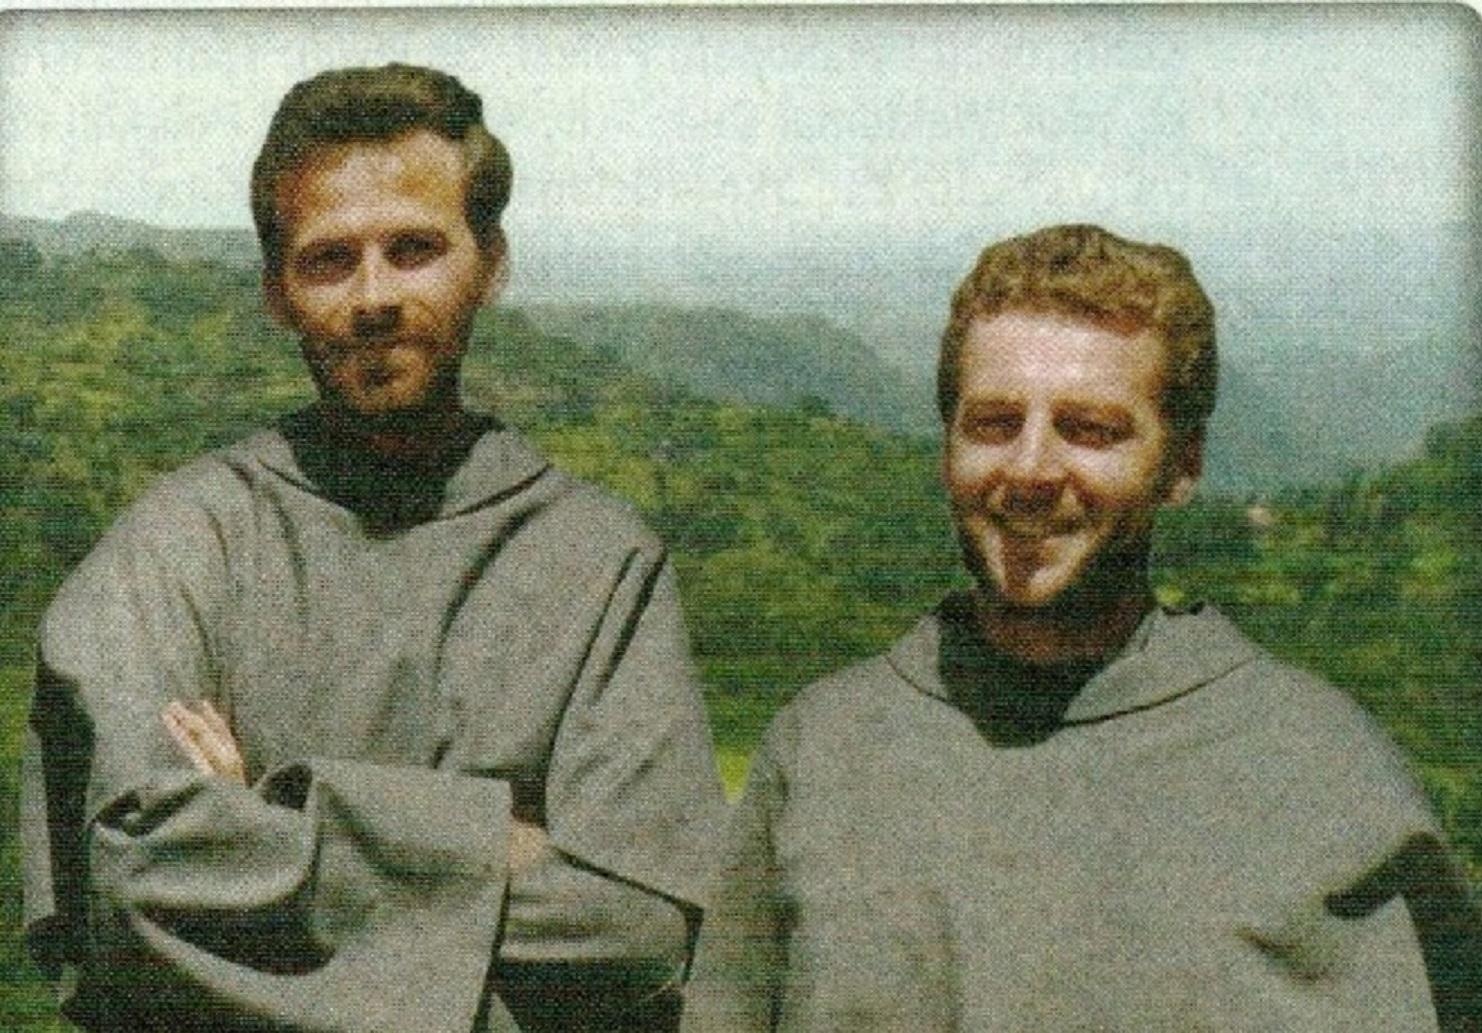 Los sacerdotes Michal Tomaszek y Zbigniew Strzalkowski asesinados en Perú por Sendero Luminoso